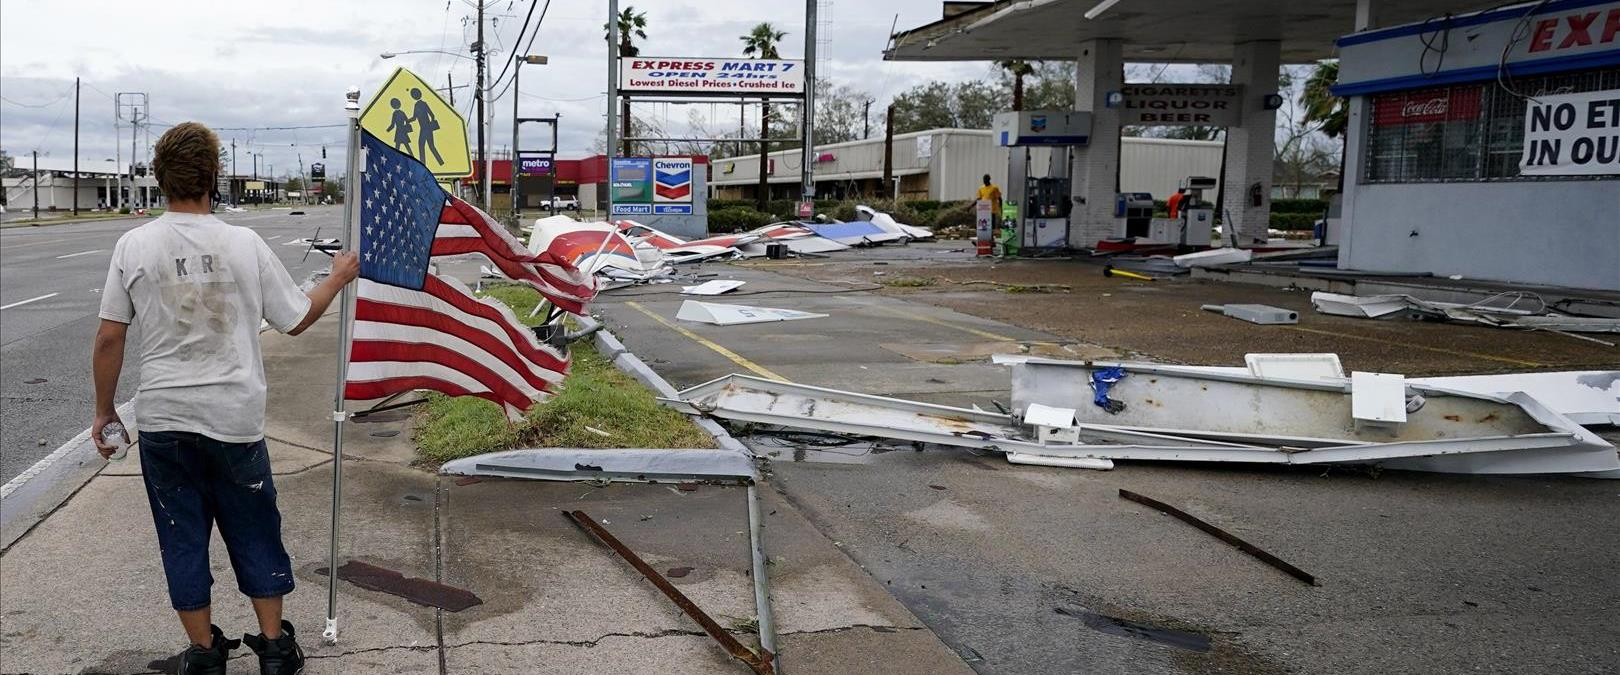 הסופה לורה בארצות הברית